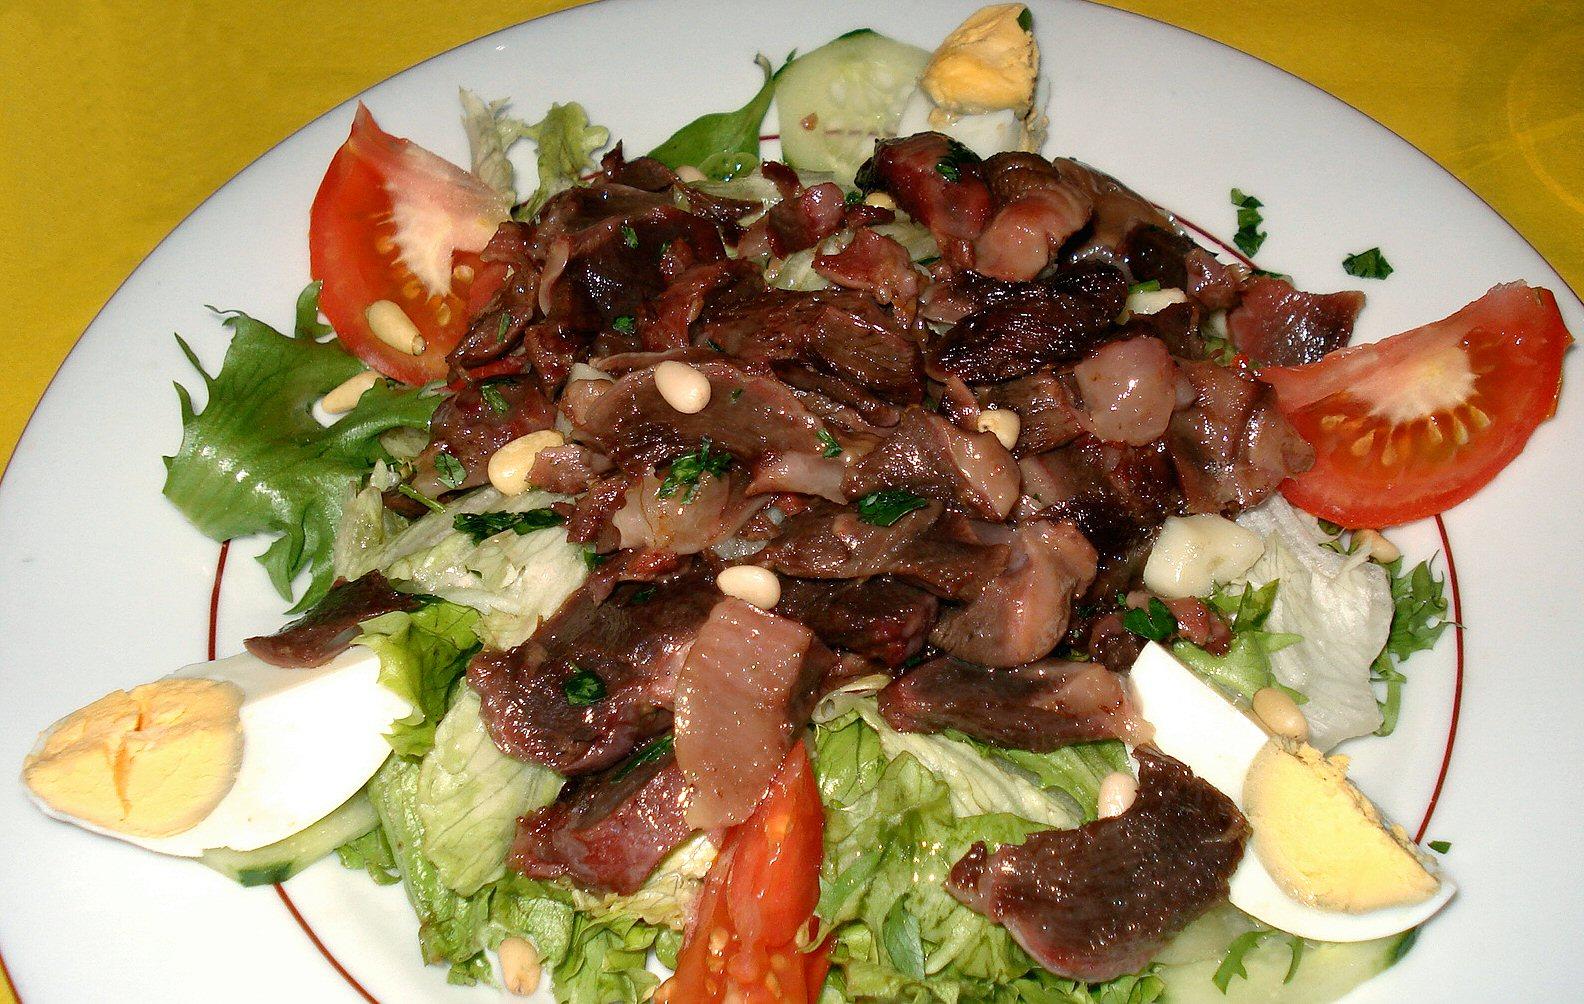 les salades : alliées ou ennemies ?